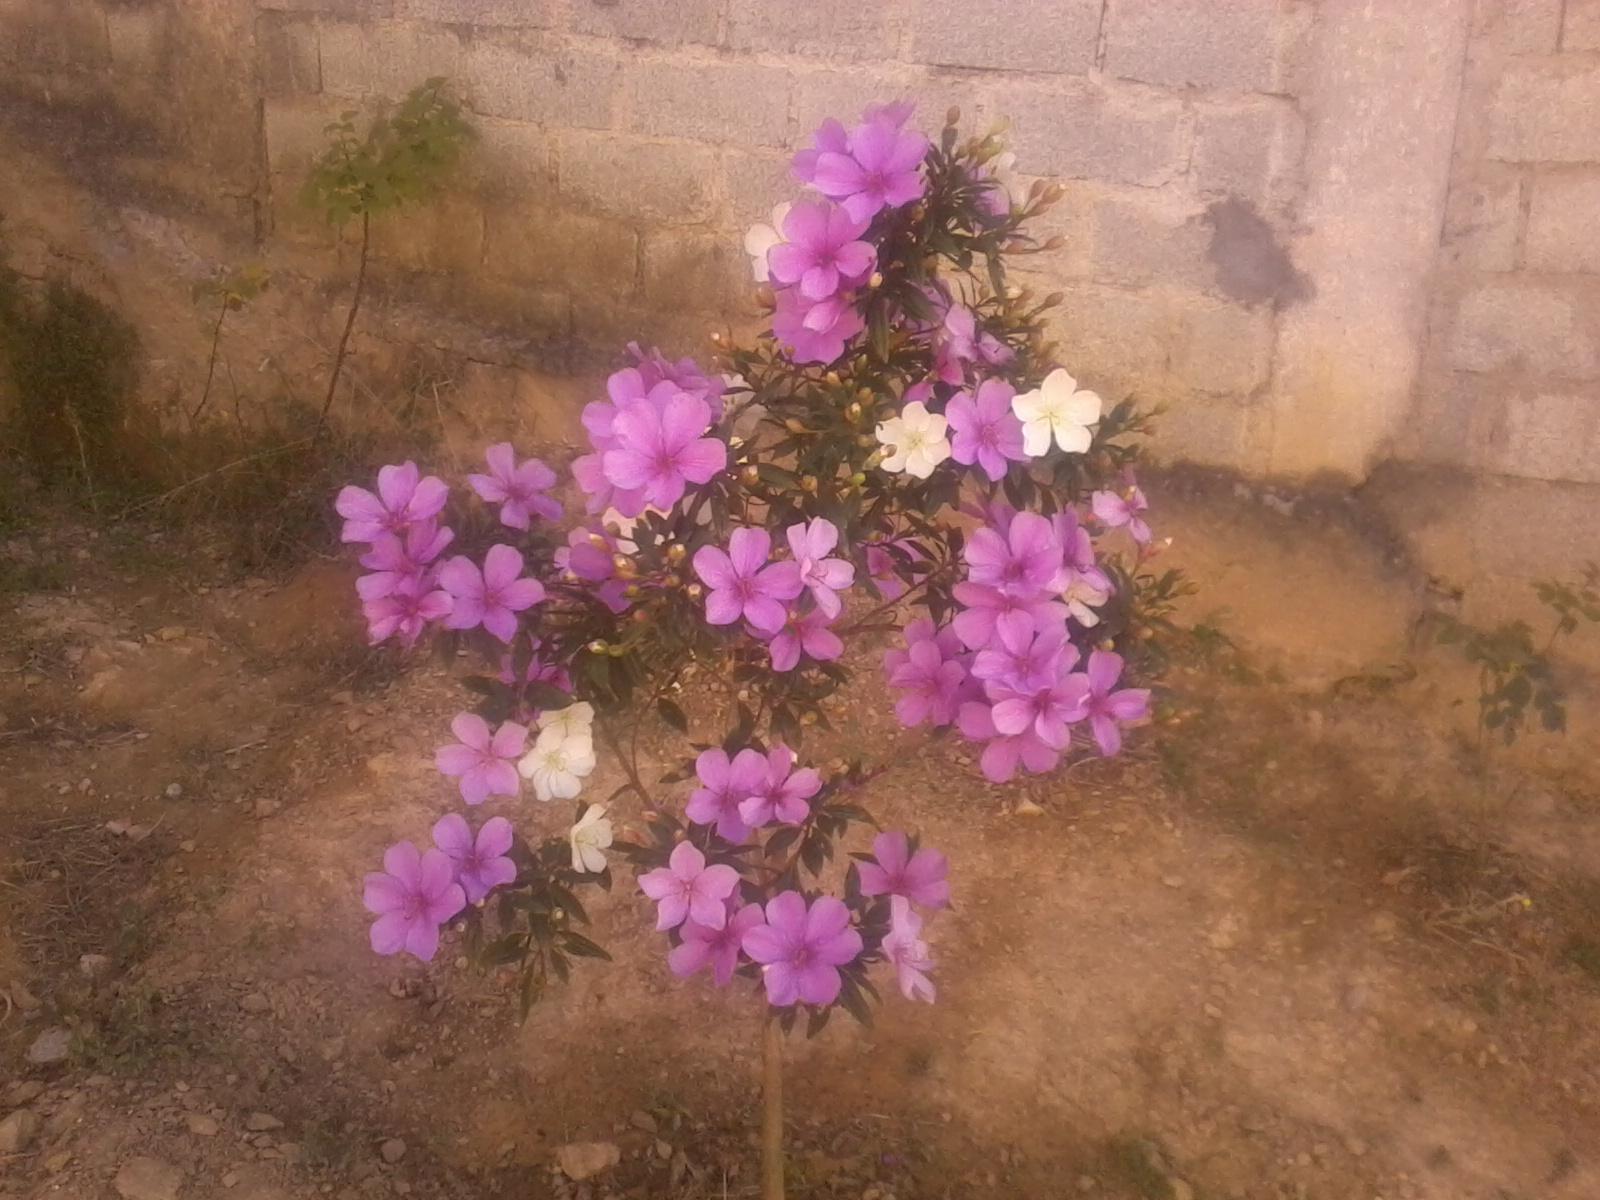 arvore manaca jardim : arvore manaca jardim:Jardim da Drika: Flores que encantam